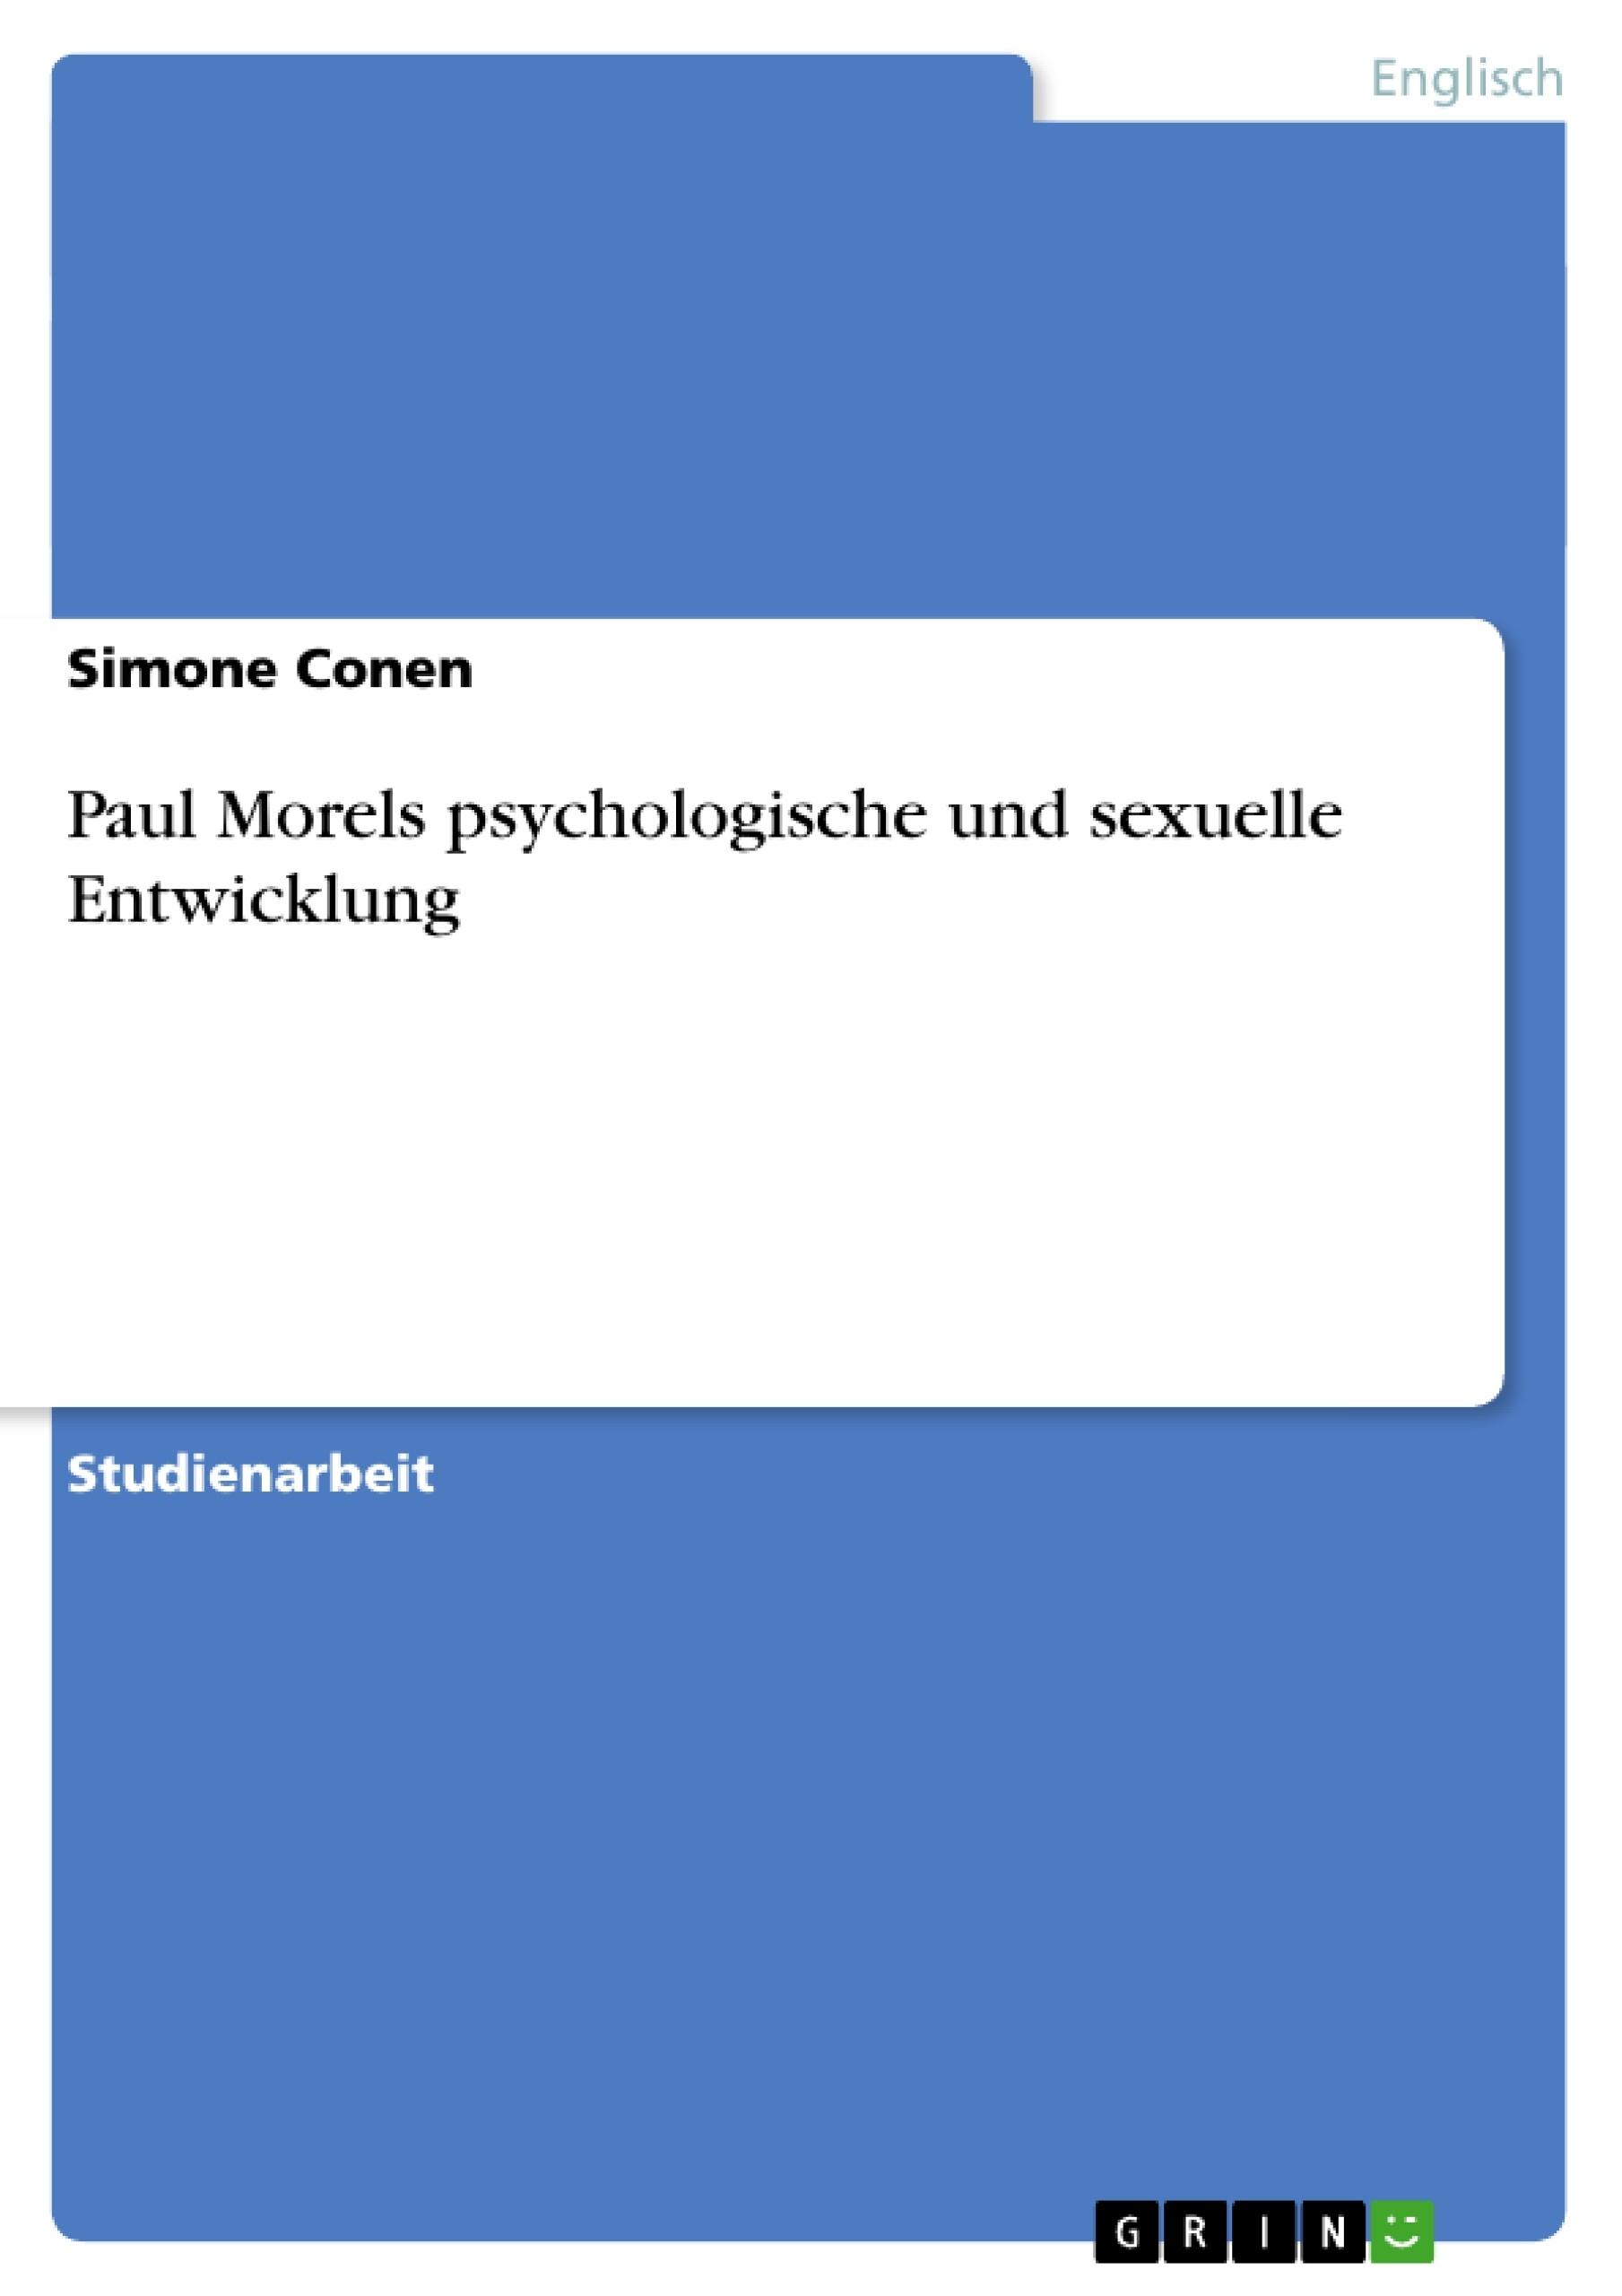 Titel: Paul Morels psychologische und sexuelle Entwicklung